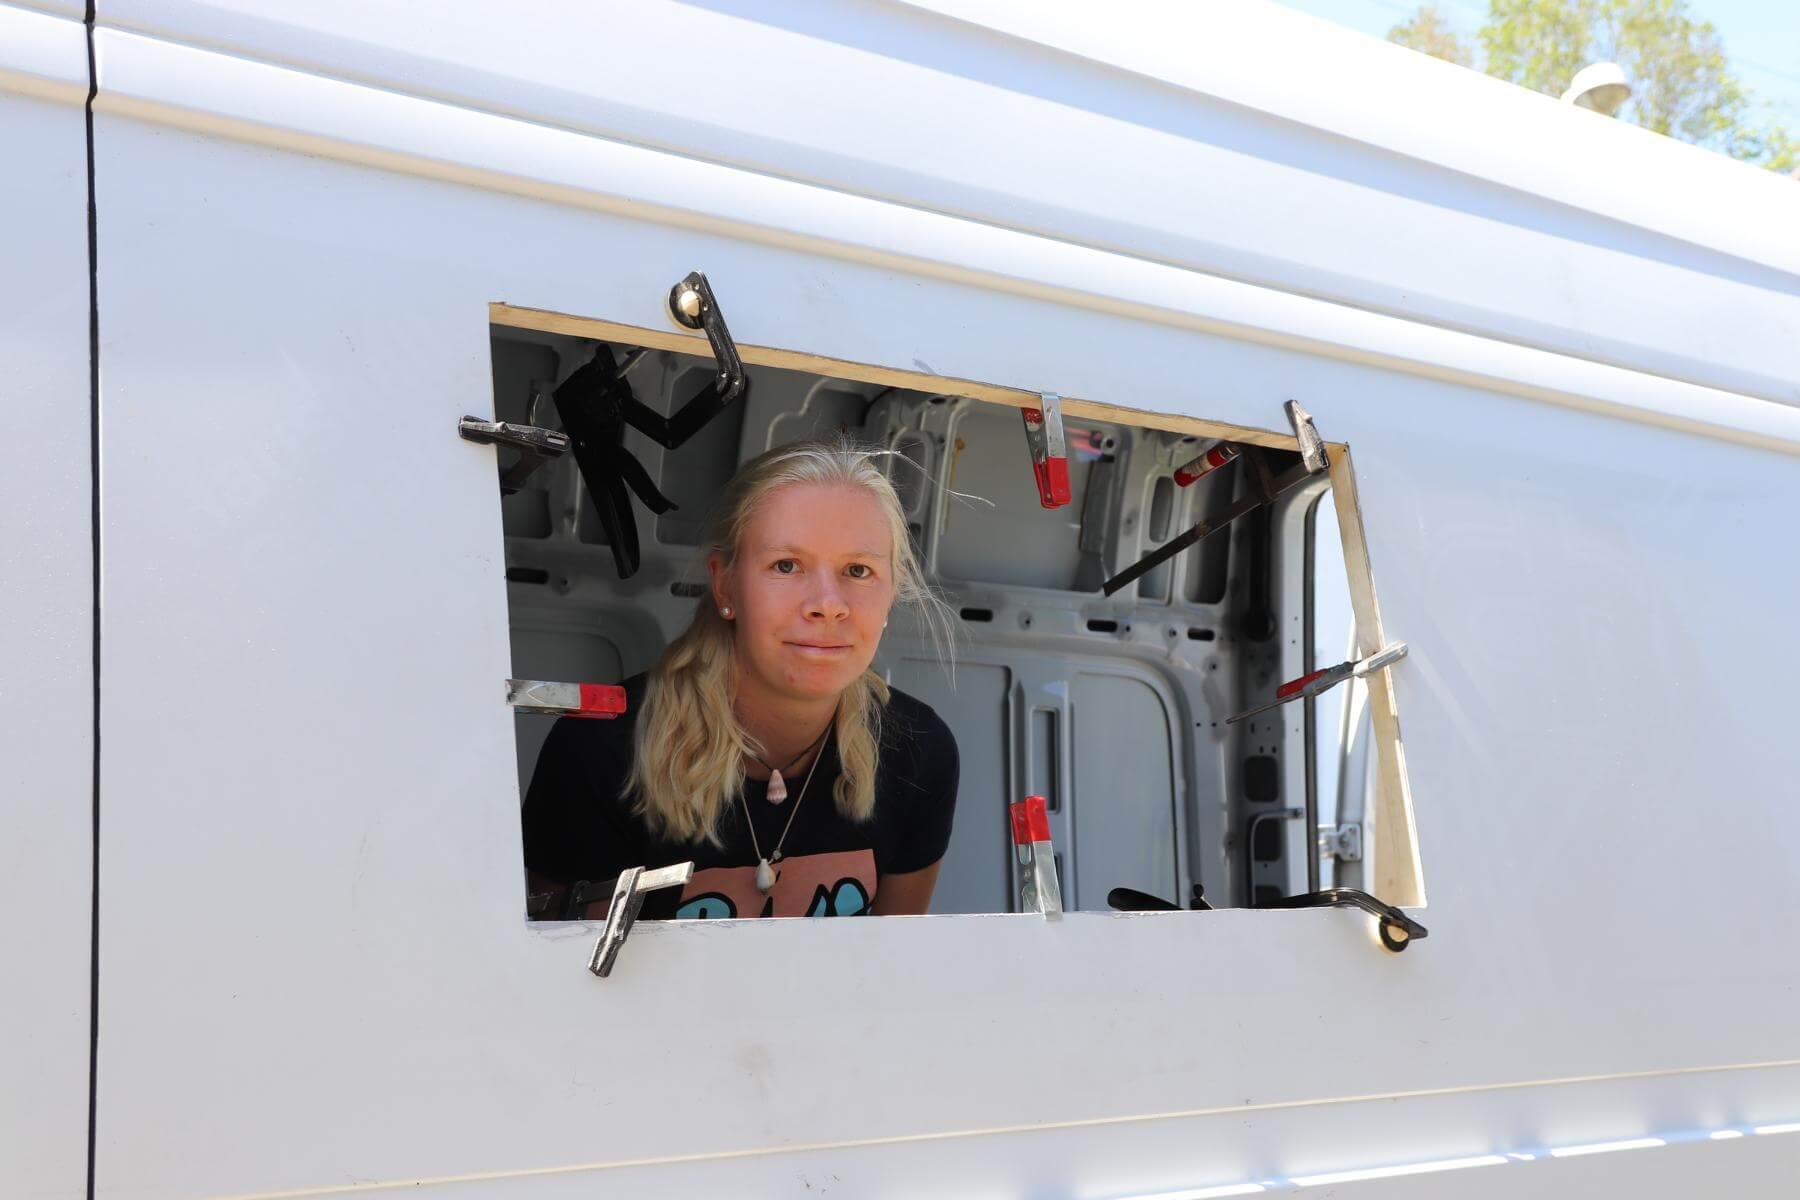 Fenster einbauen beim Wohnmobil  Kastenwagen Selbstausbau